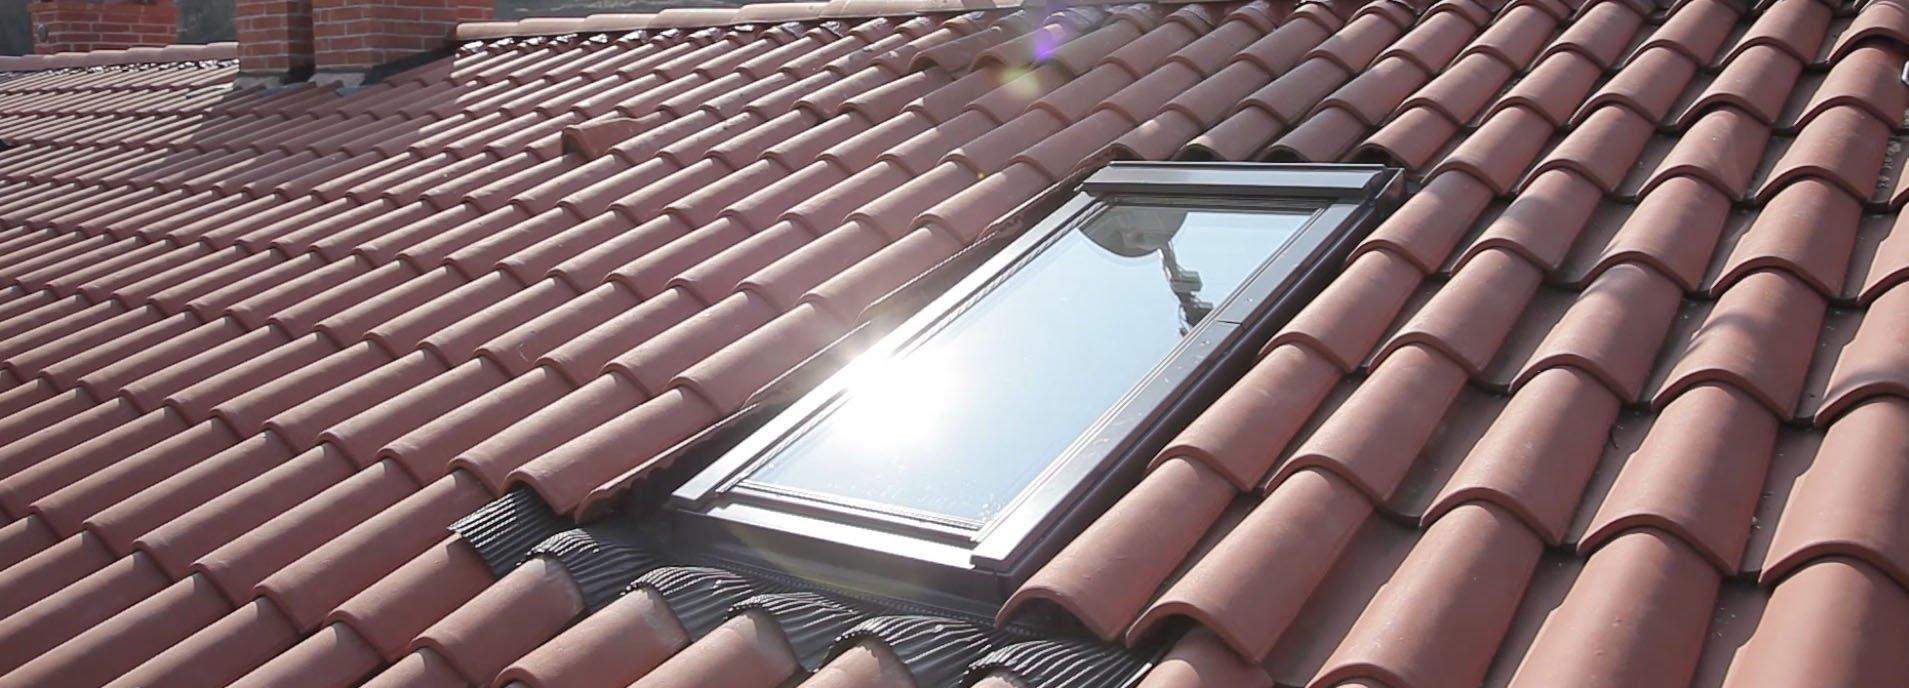 Finestre per tetti come scegliere il lucernario adatto for Lucernari per tetti in legno